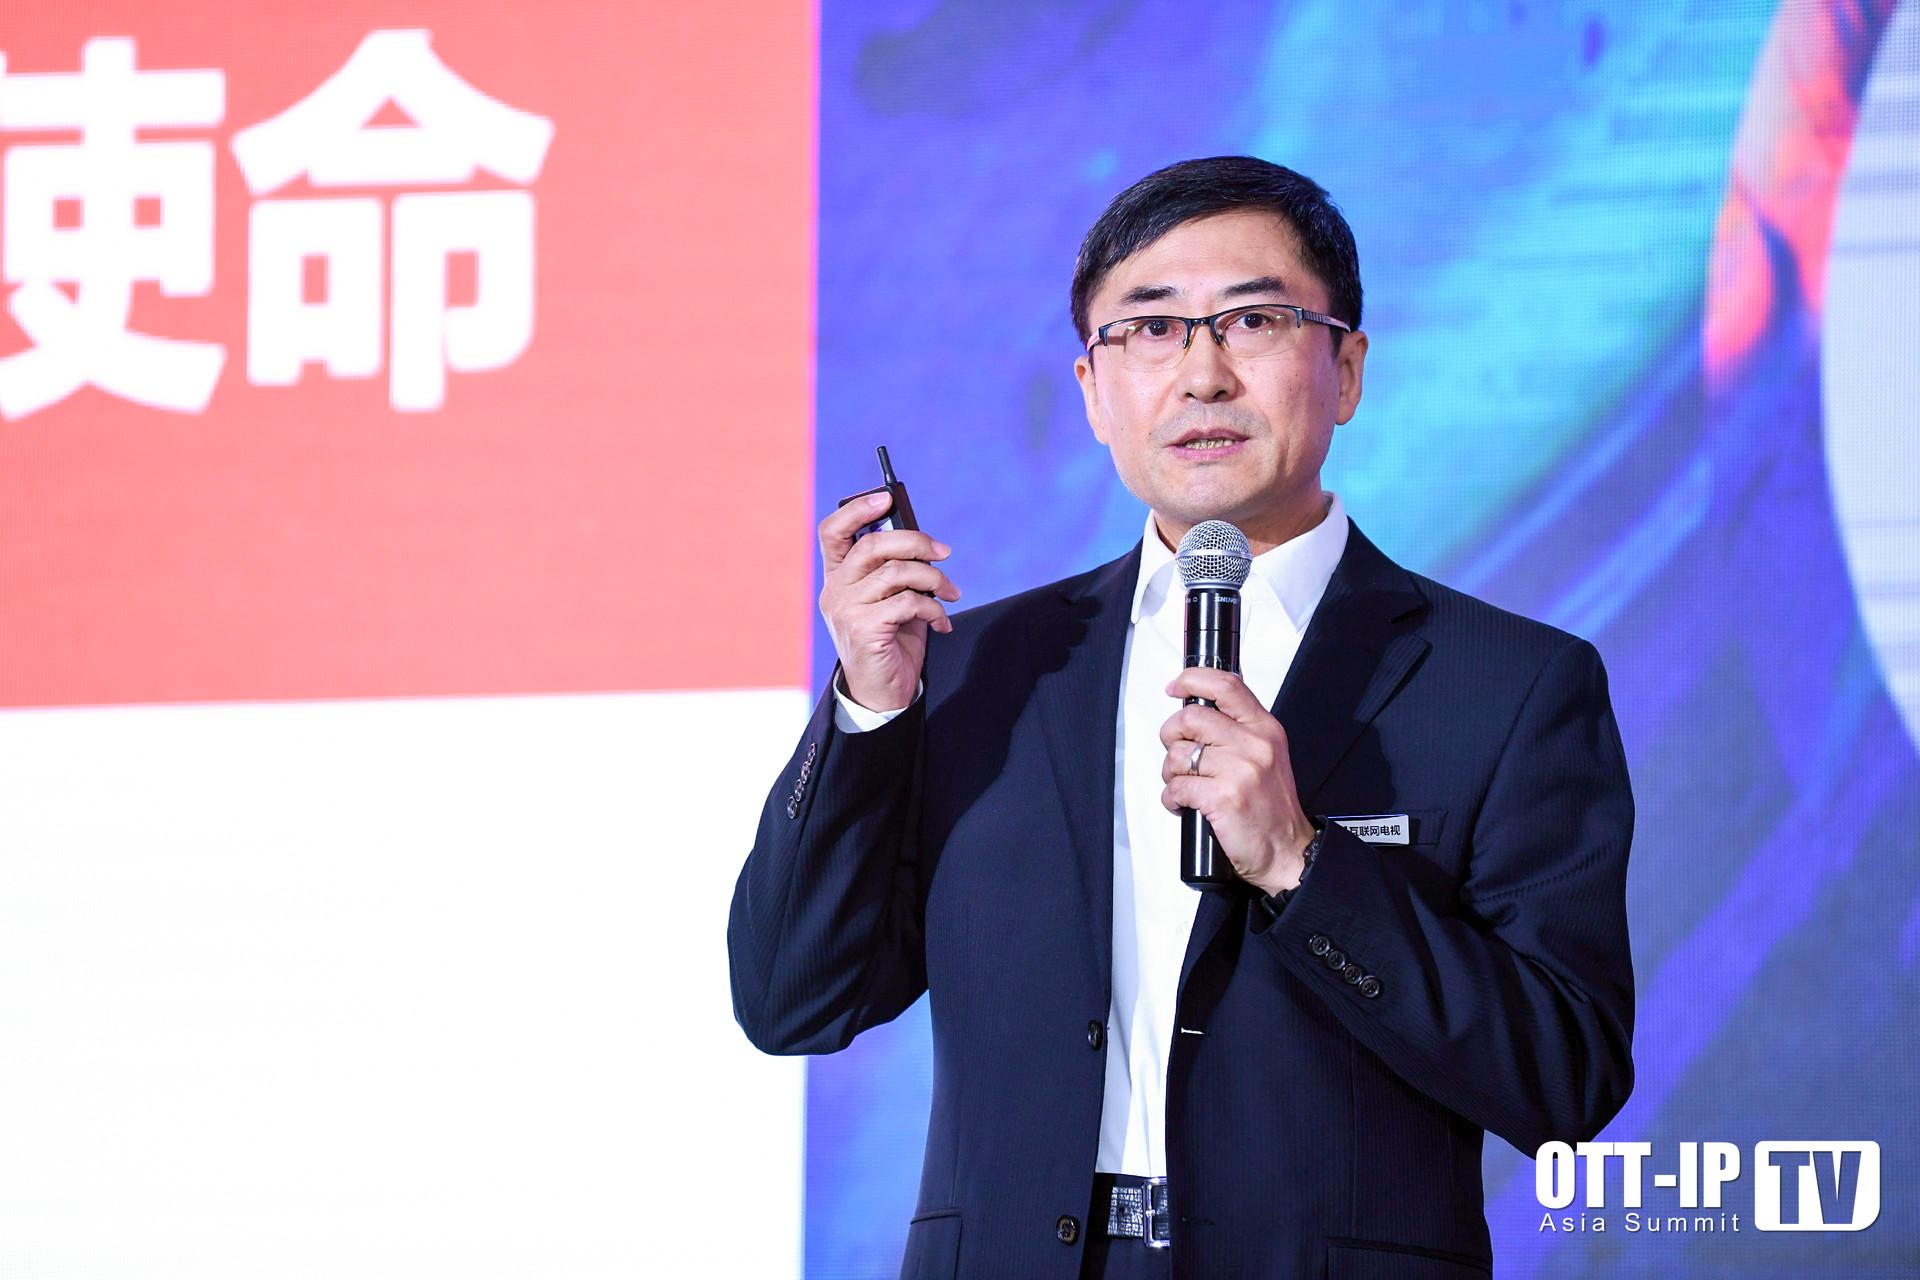 国广东方总经理毛卫兵:守正,创新,赋能,一直是国广东方的责任和使命